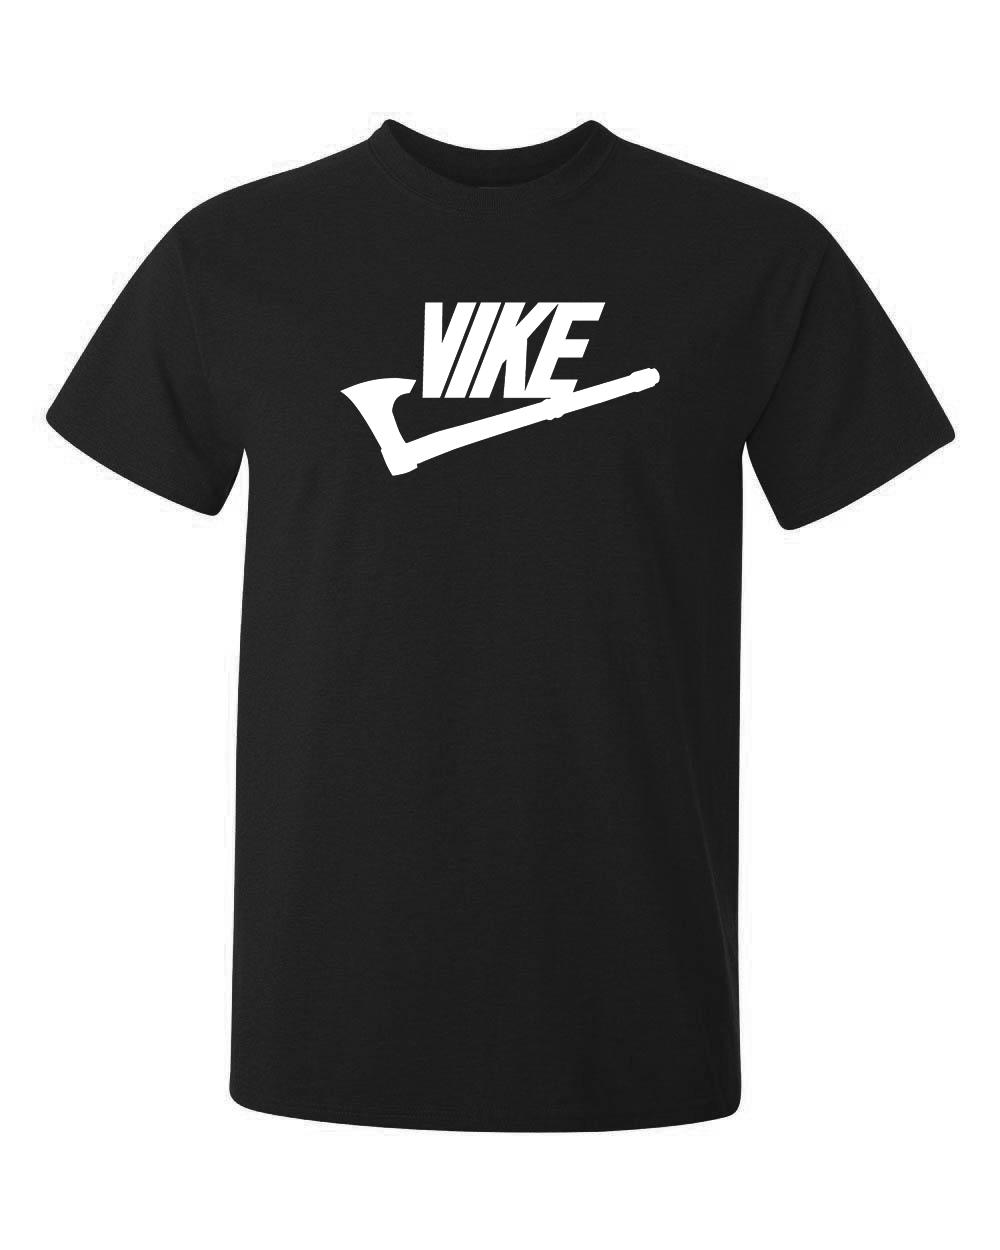 kända märket Nike i en kombination med viking blir coolare och tuffare alltså Vike, tryckt på svart t-shirt